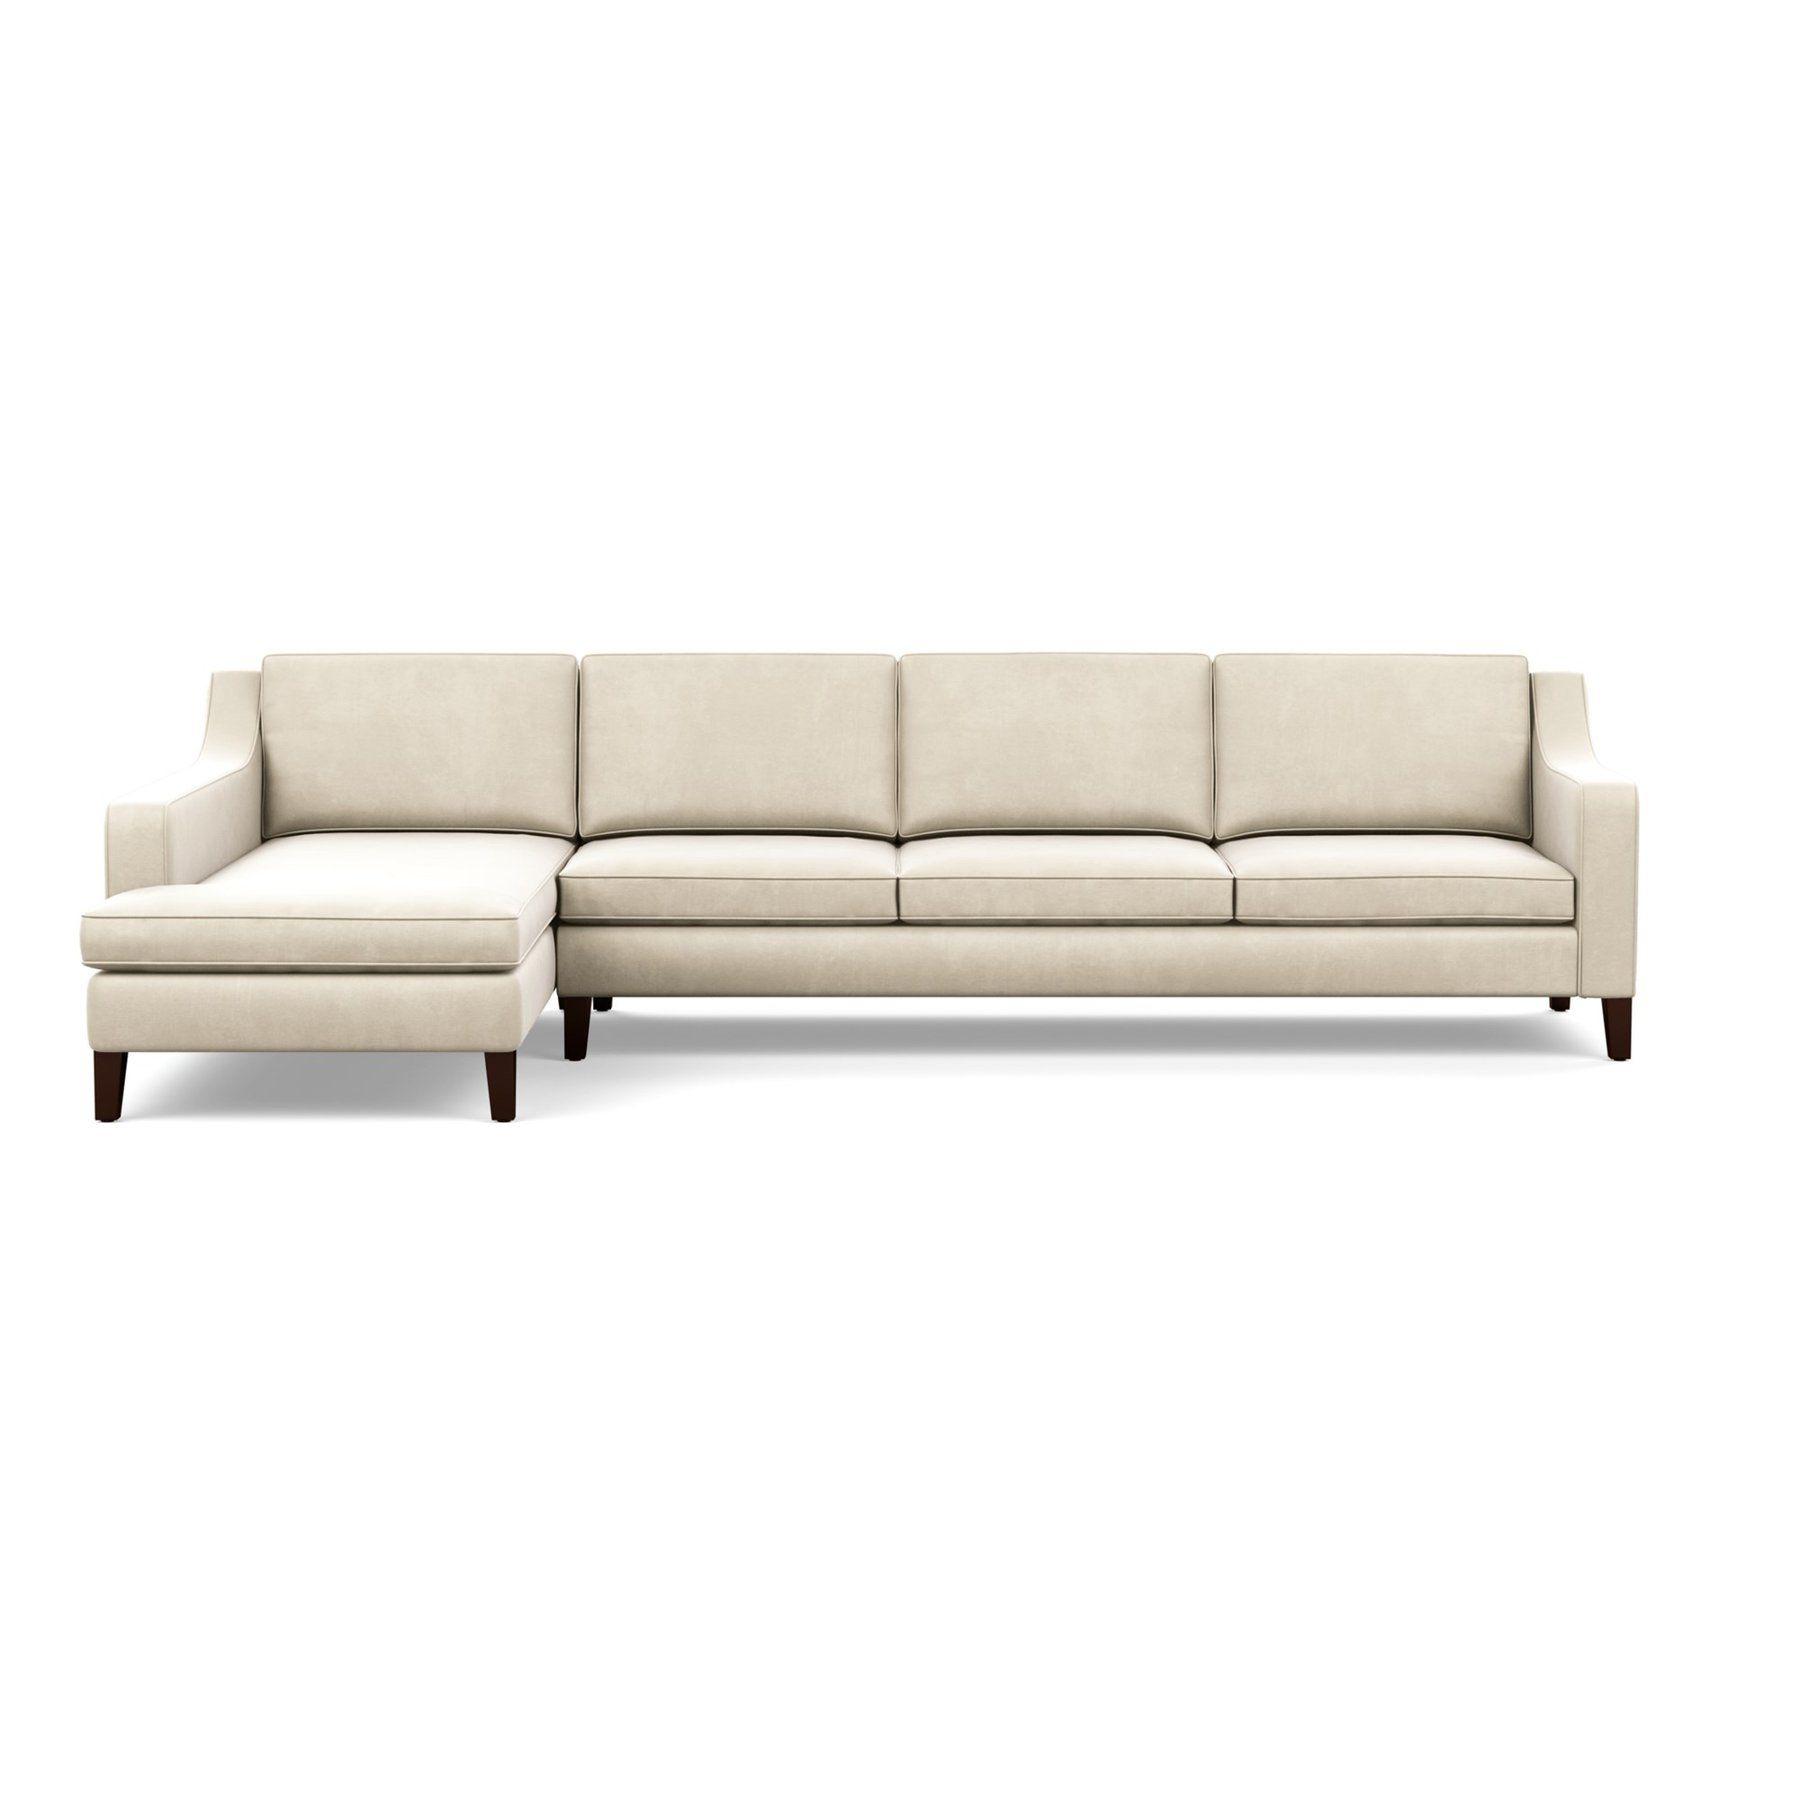 Plaza Corner Sofa Left Hand Chaise Velvet Corner Sofa Sofa Sofa Furniture